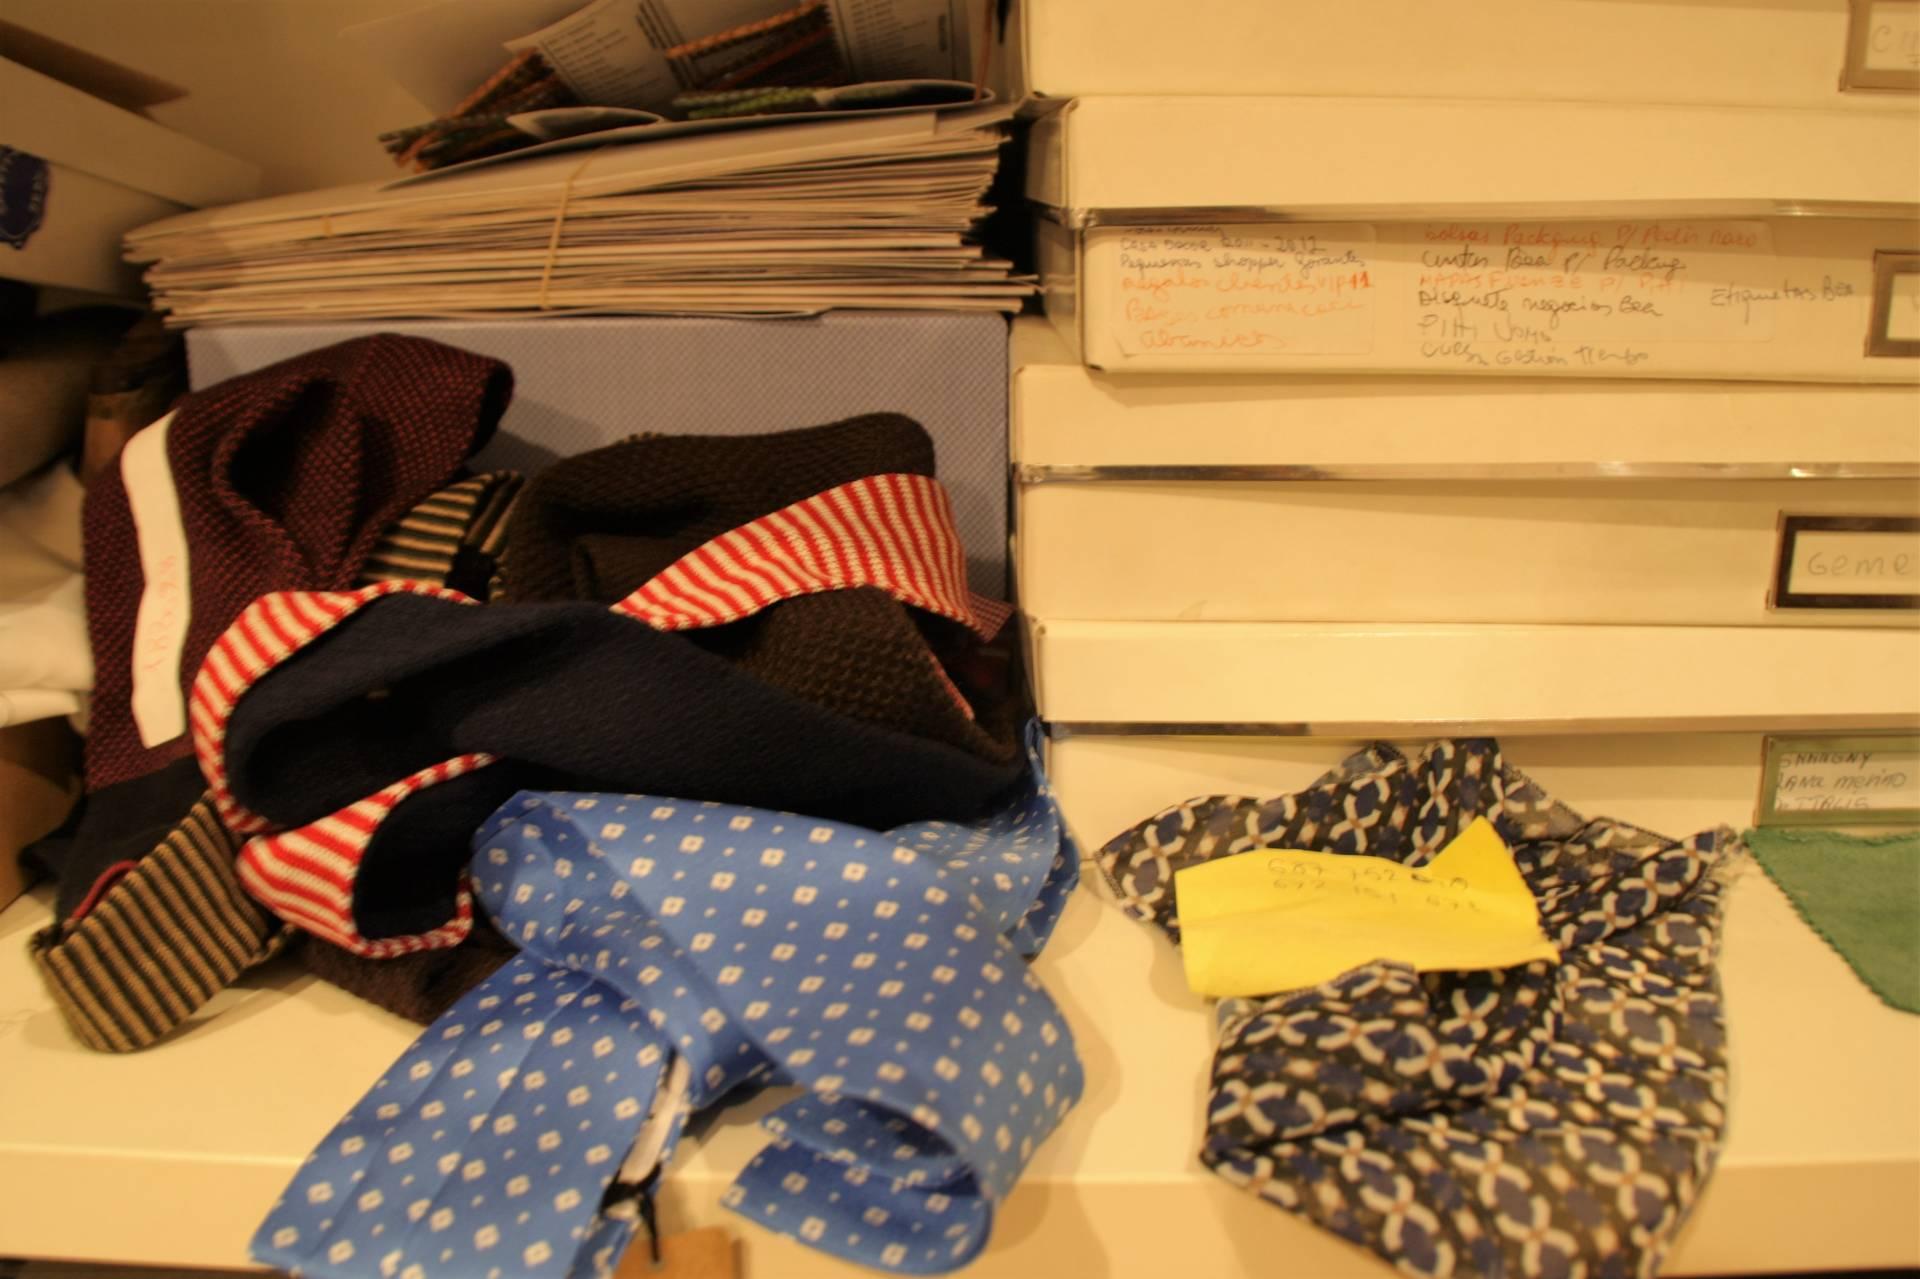 En el estudio de la firma SOLOiO se encuentran todo tipo de apuntes, catálogos y tejidos.